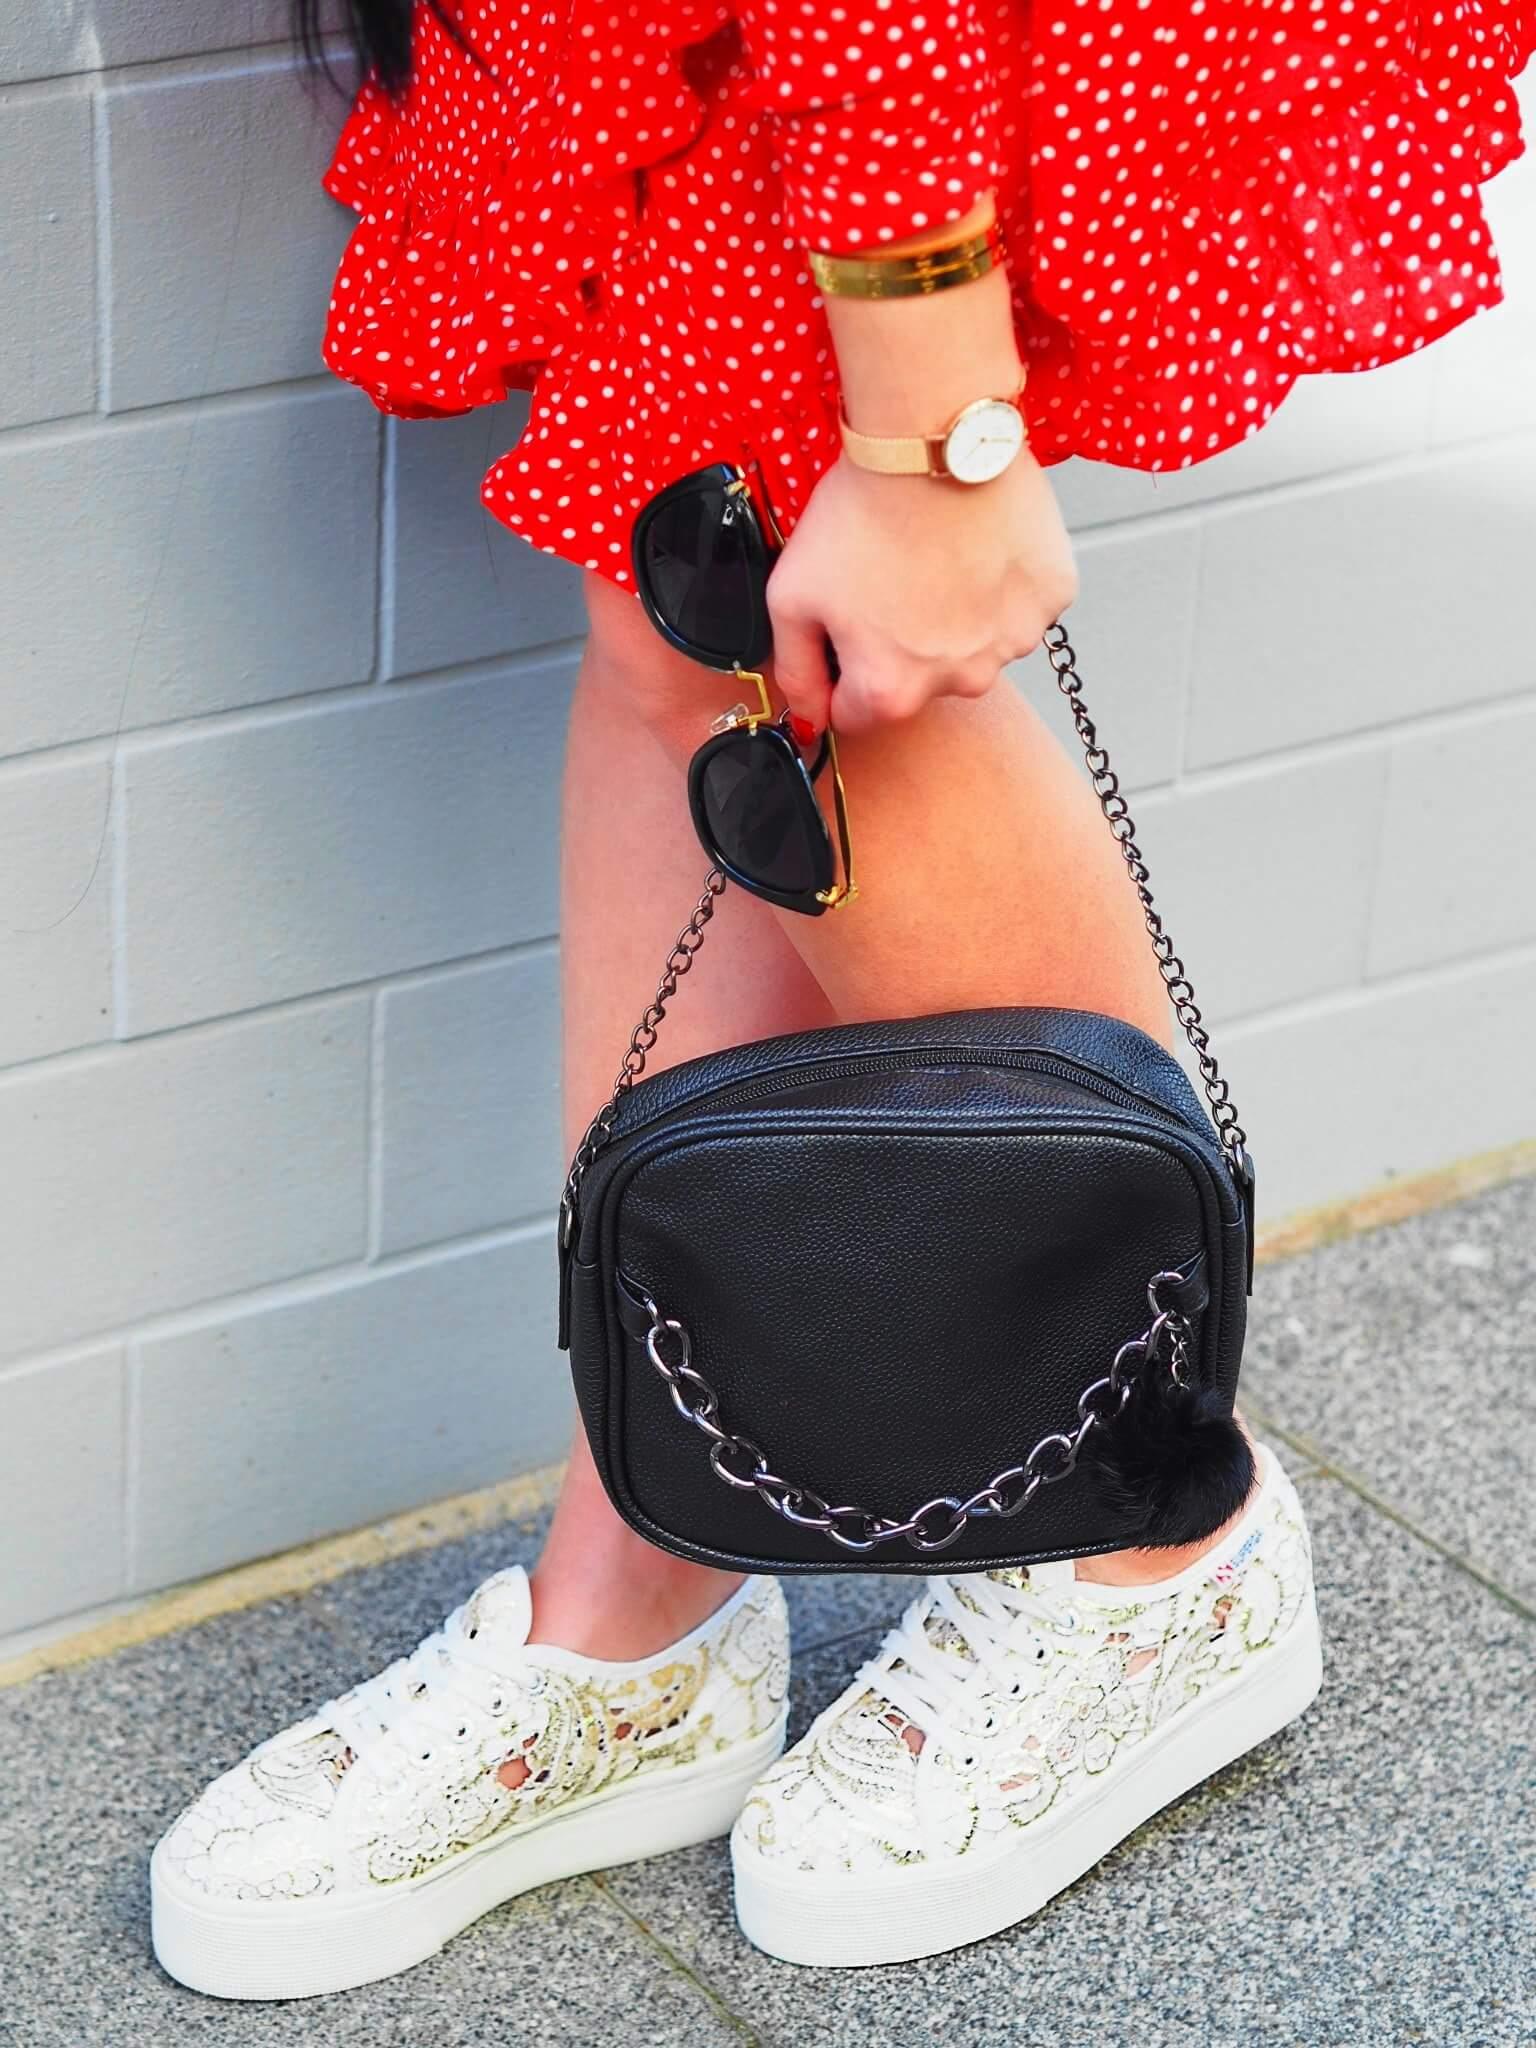 Heute zeige ich euch auf meinem Blog die super stylischen Platform Superga Sneakers von Footway in einem trendigen OOTD mit top Polka Dots Kleid von NA-KD